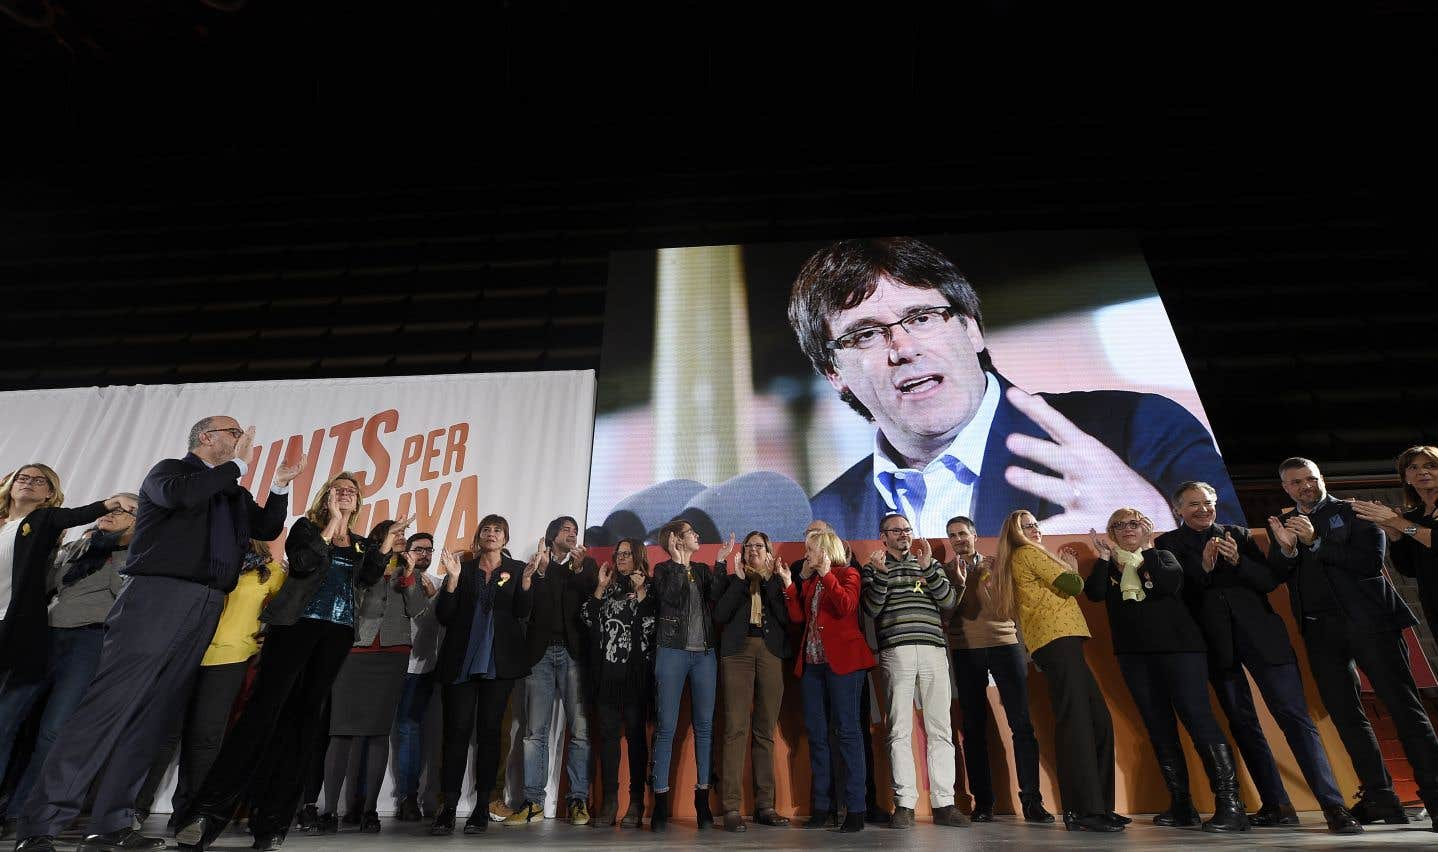 Le mandat d'arrêt européen contre Puigdemont retiré